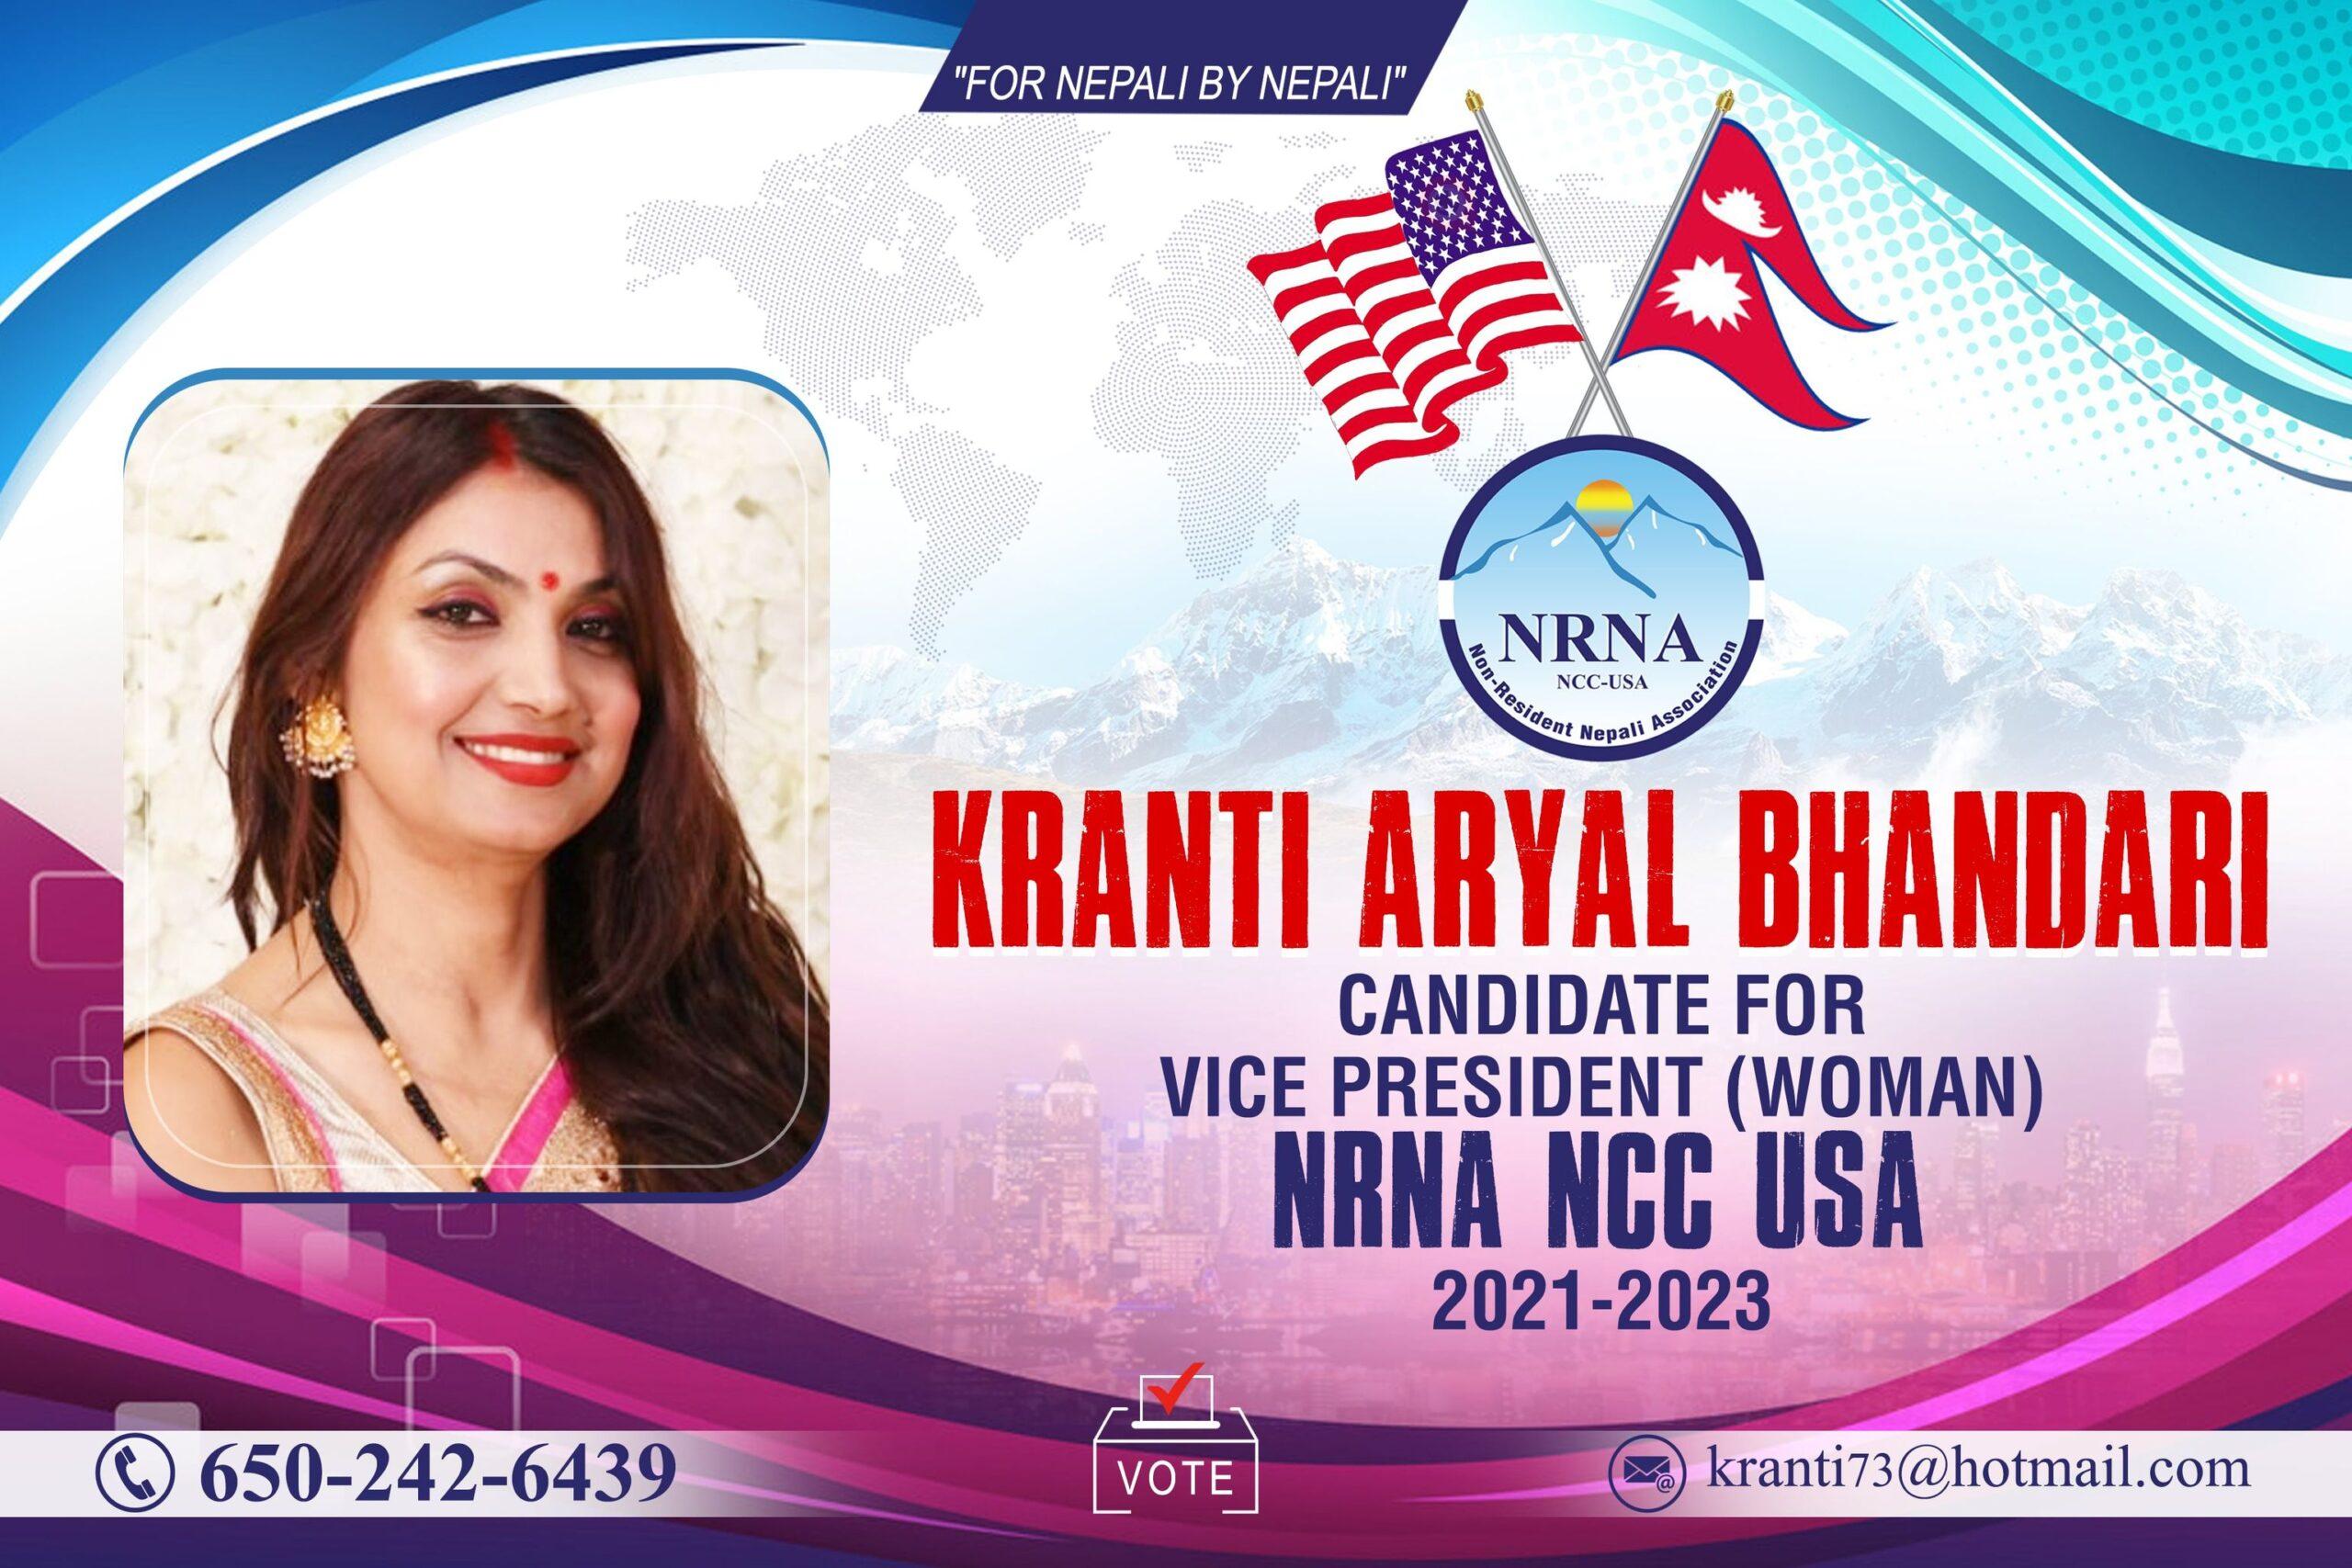 क्रान्ति अर्याल भन्डारी, एनआरएनए अमेरिका महिला उपाध्यक्ष पदकी उम्मेद्वार